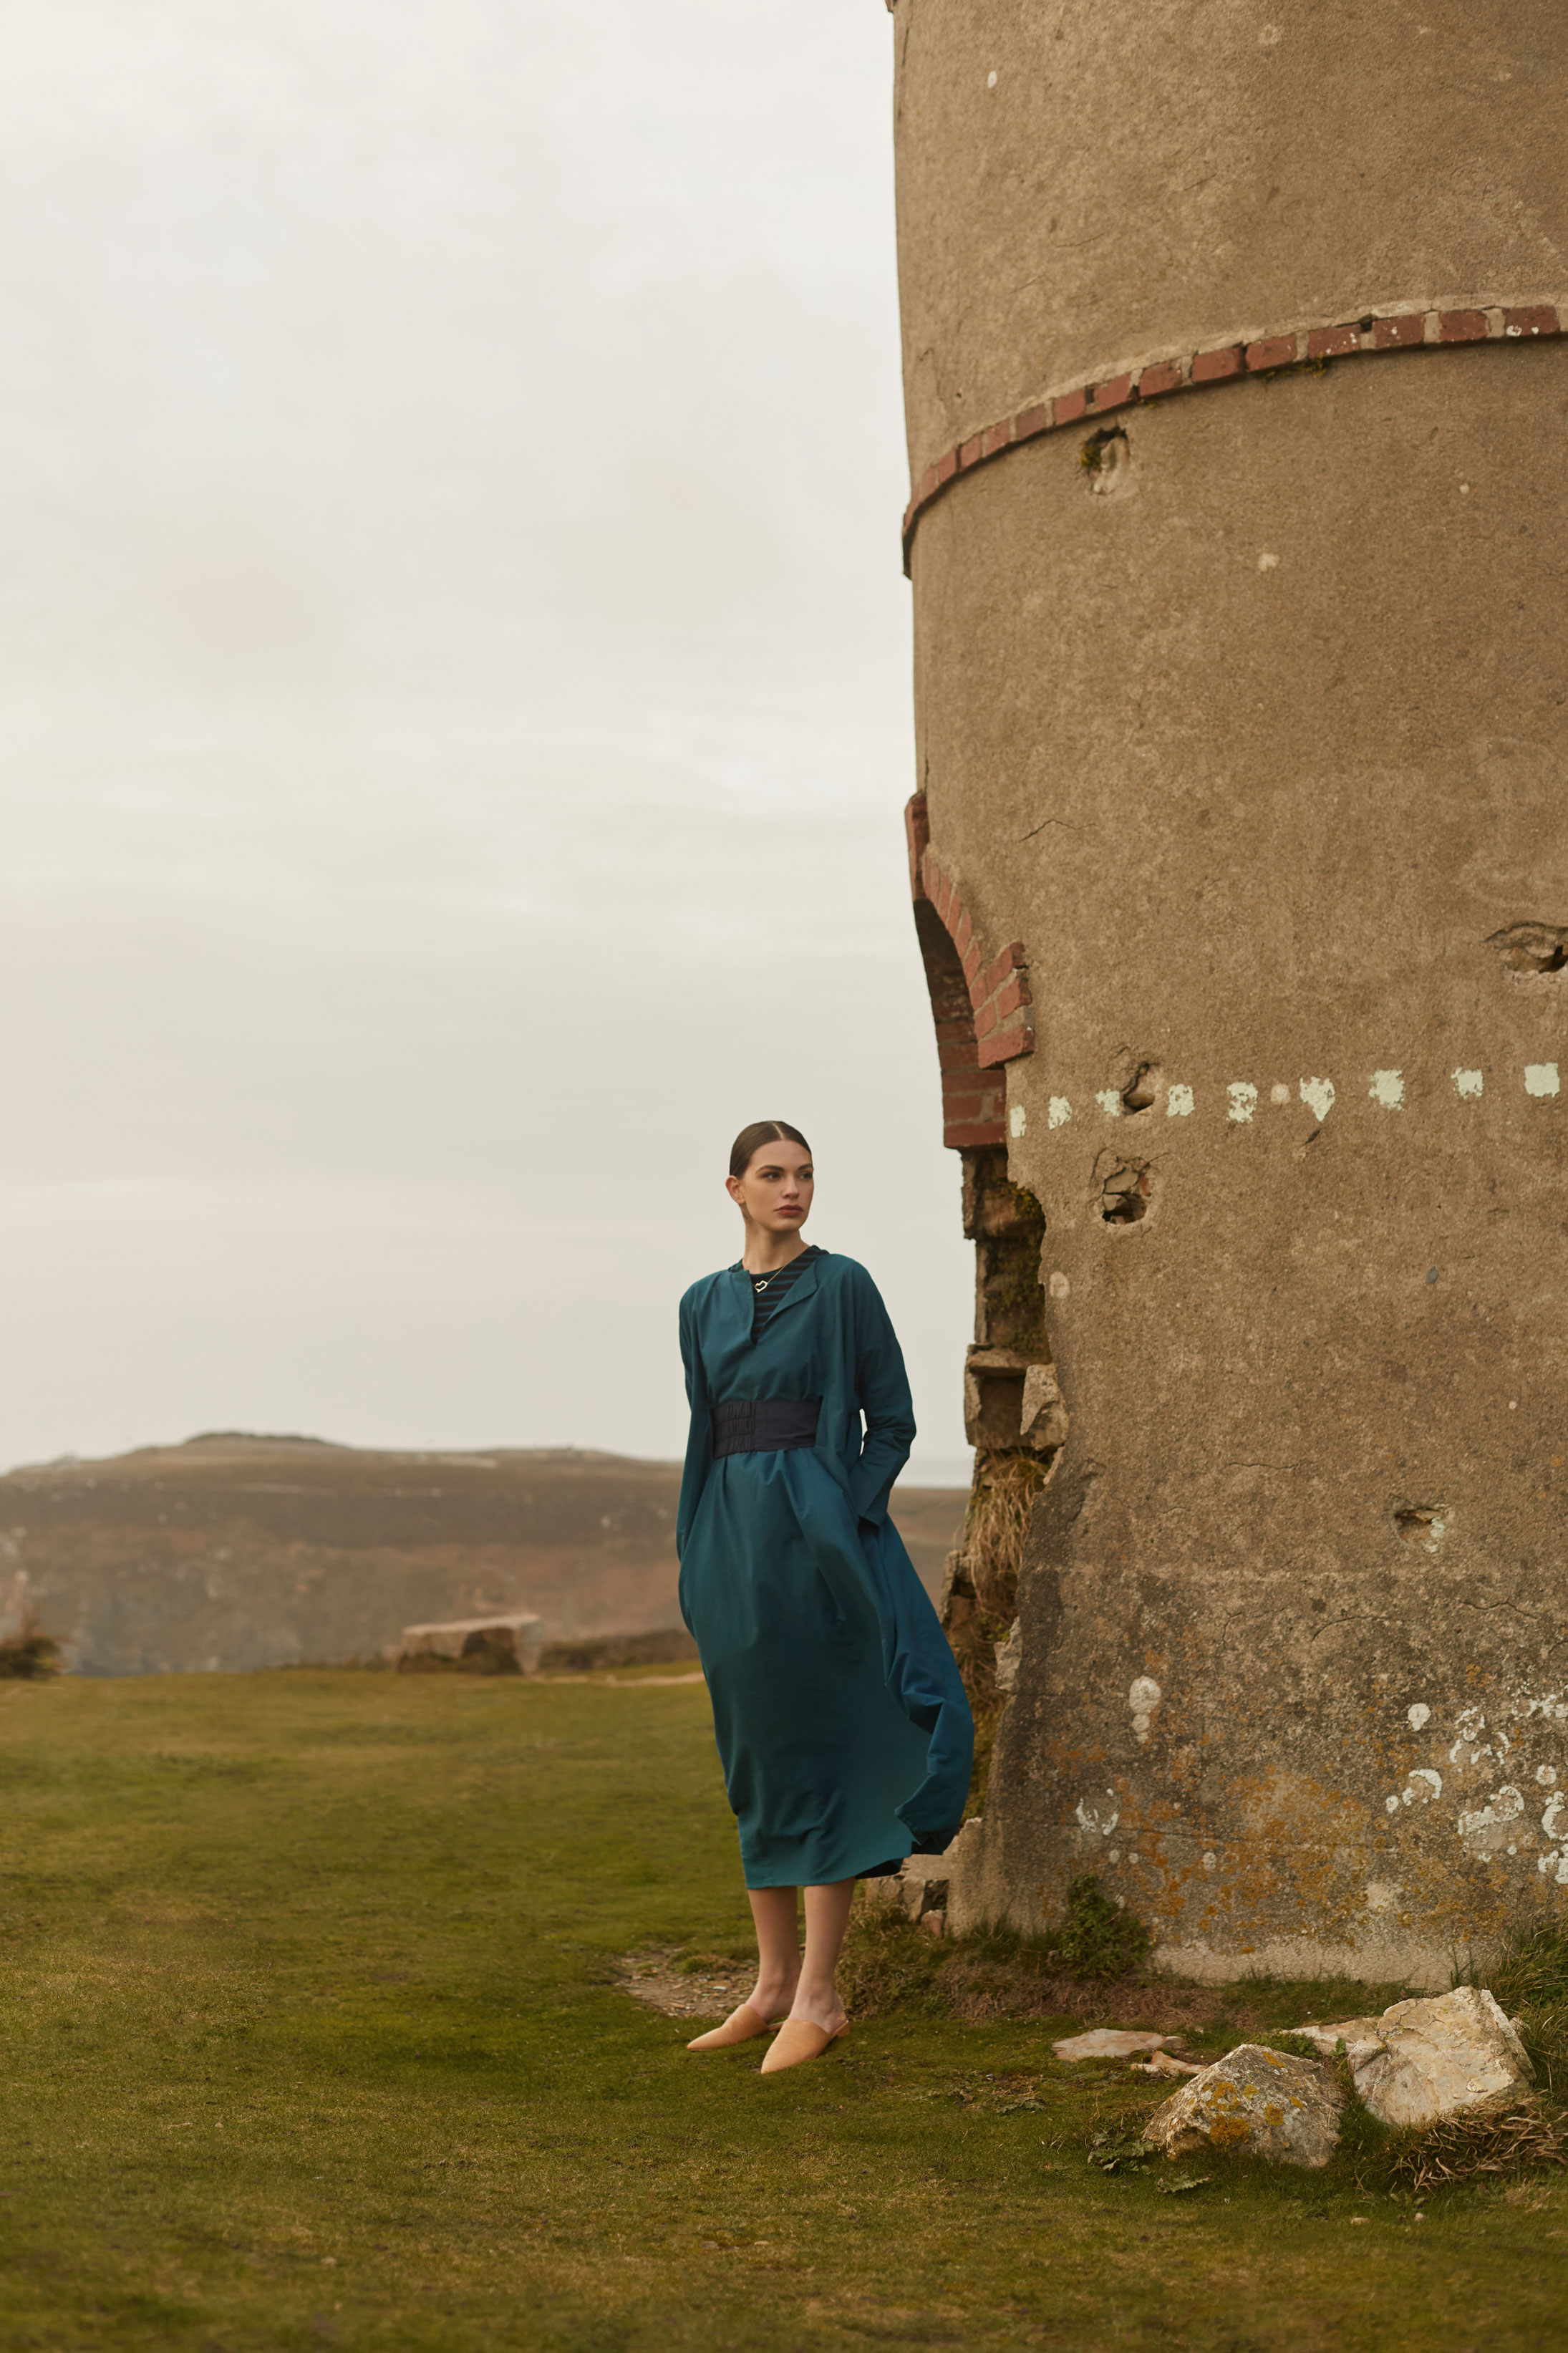 photographe de mode en studio pour campagne pour marque à rennes